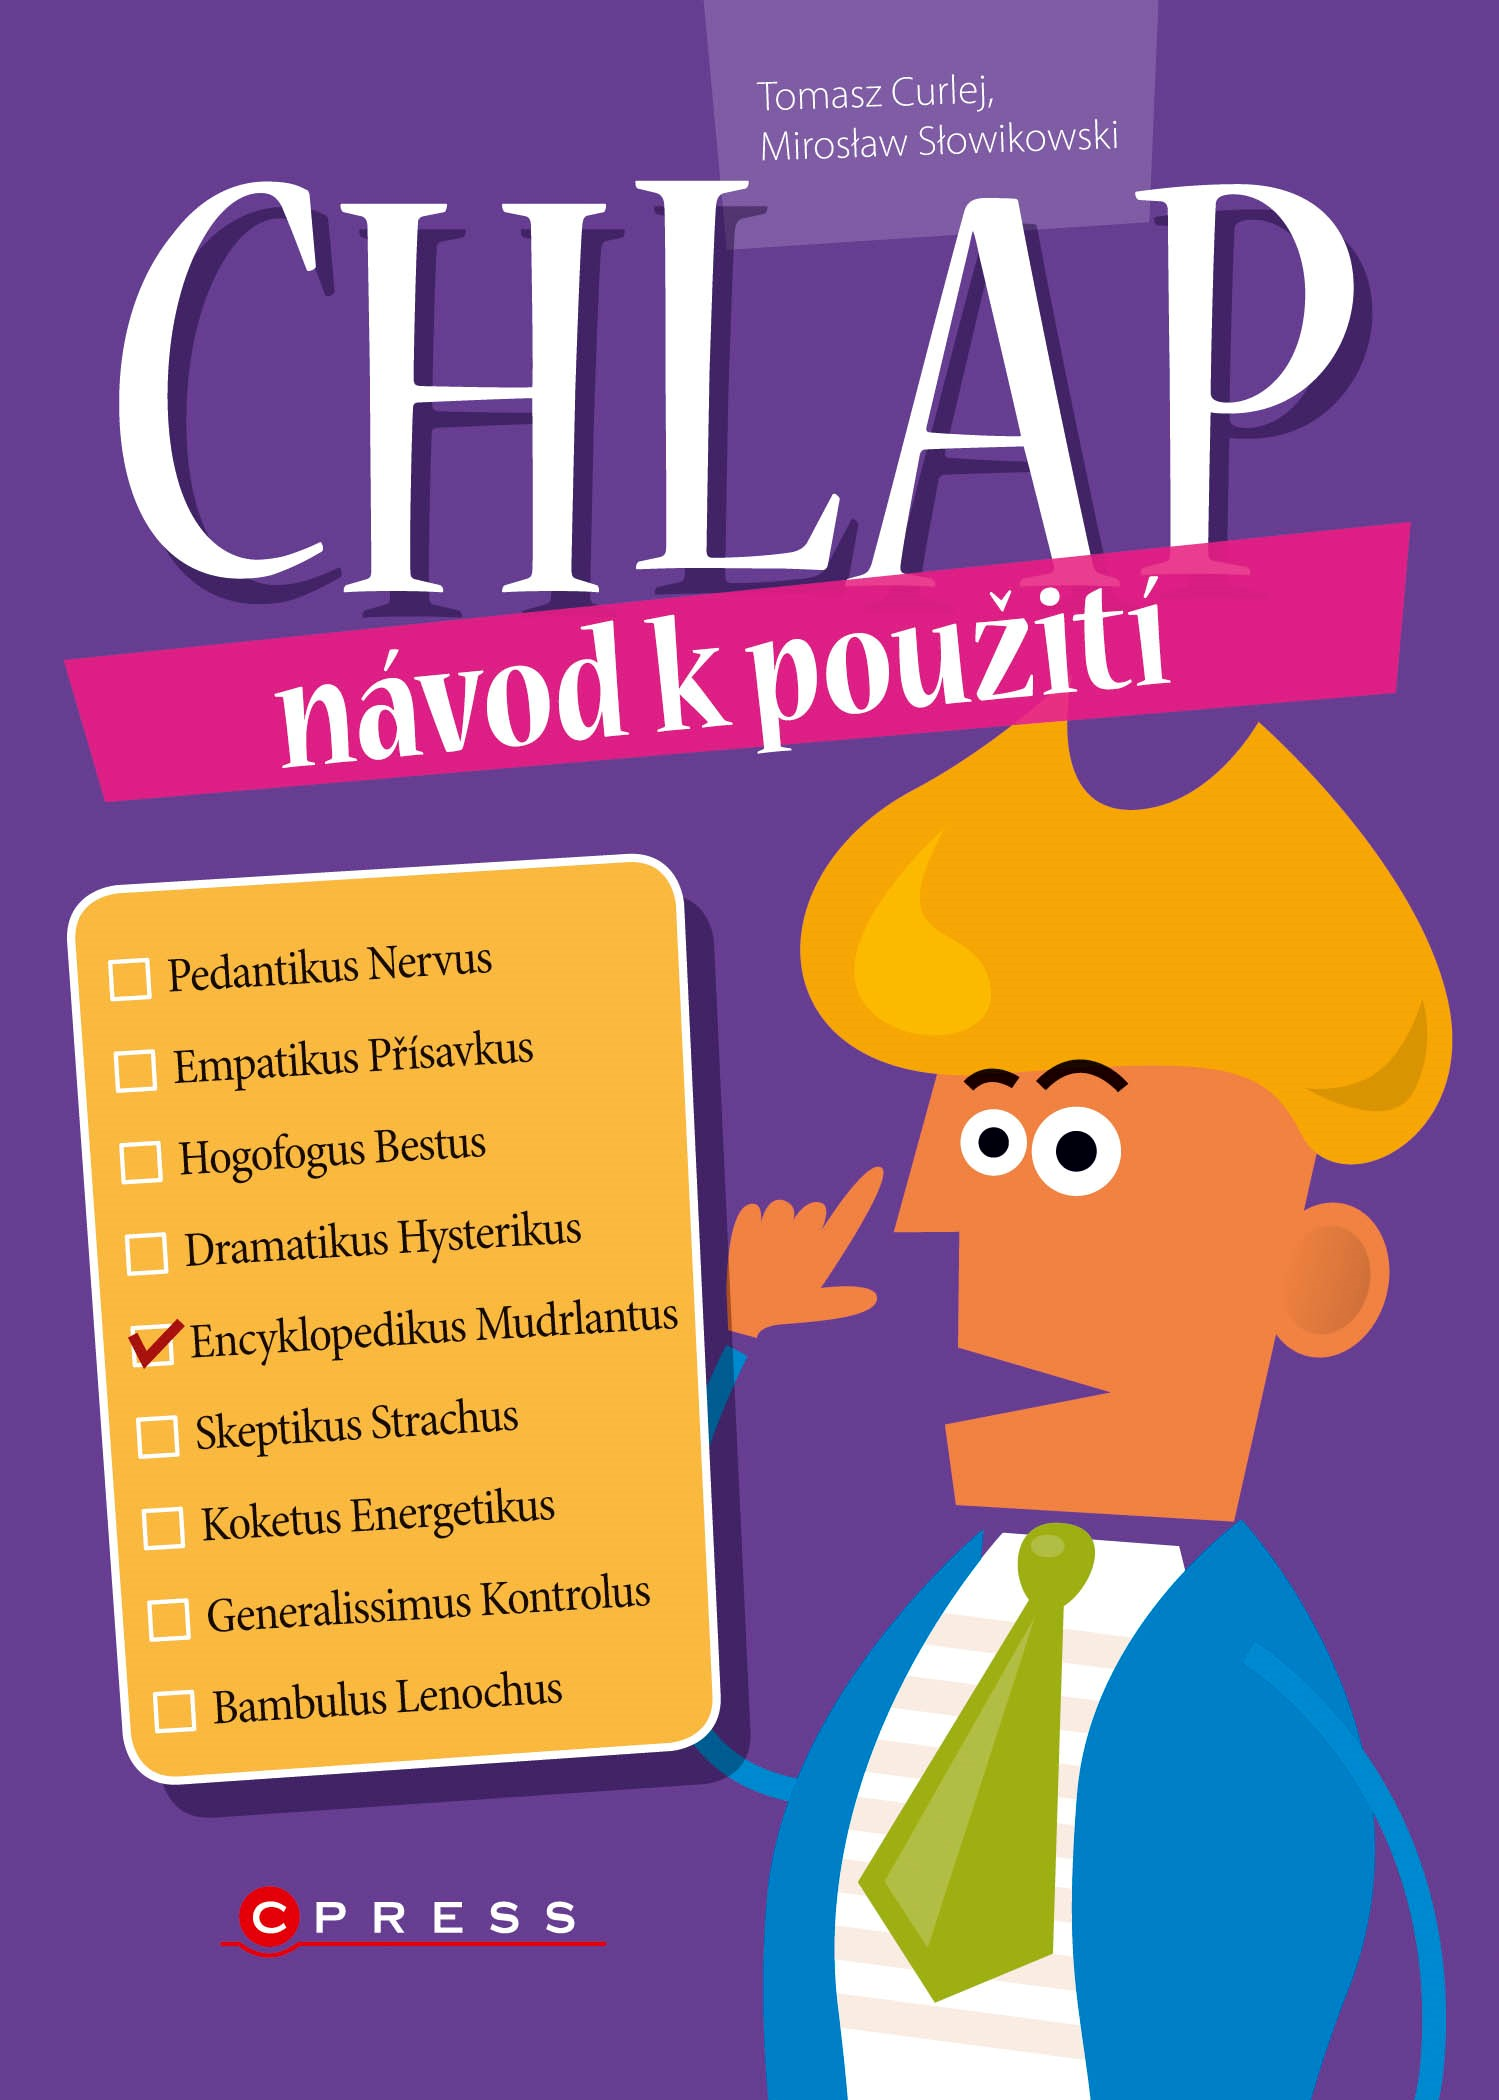 Chlap - návod k použití | Miroslaw Slowikowski, Tomasz Curlej